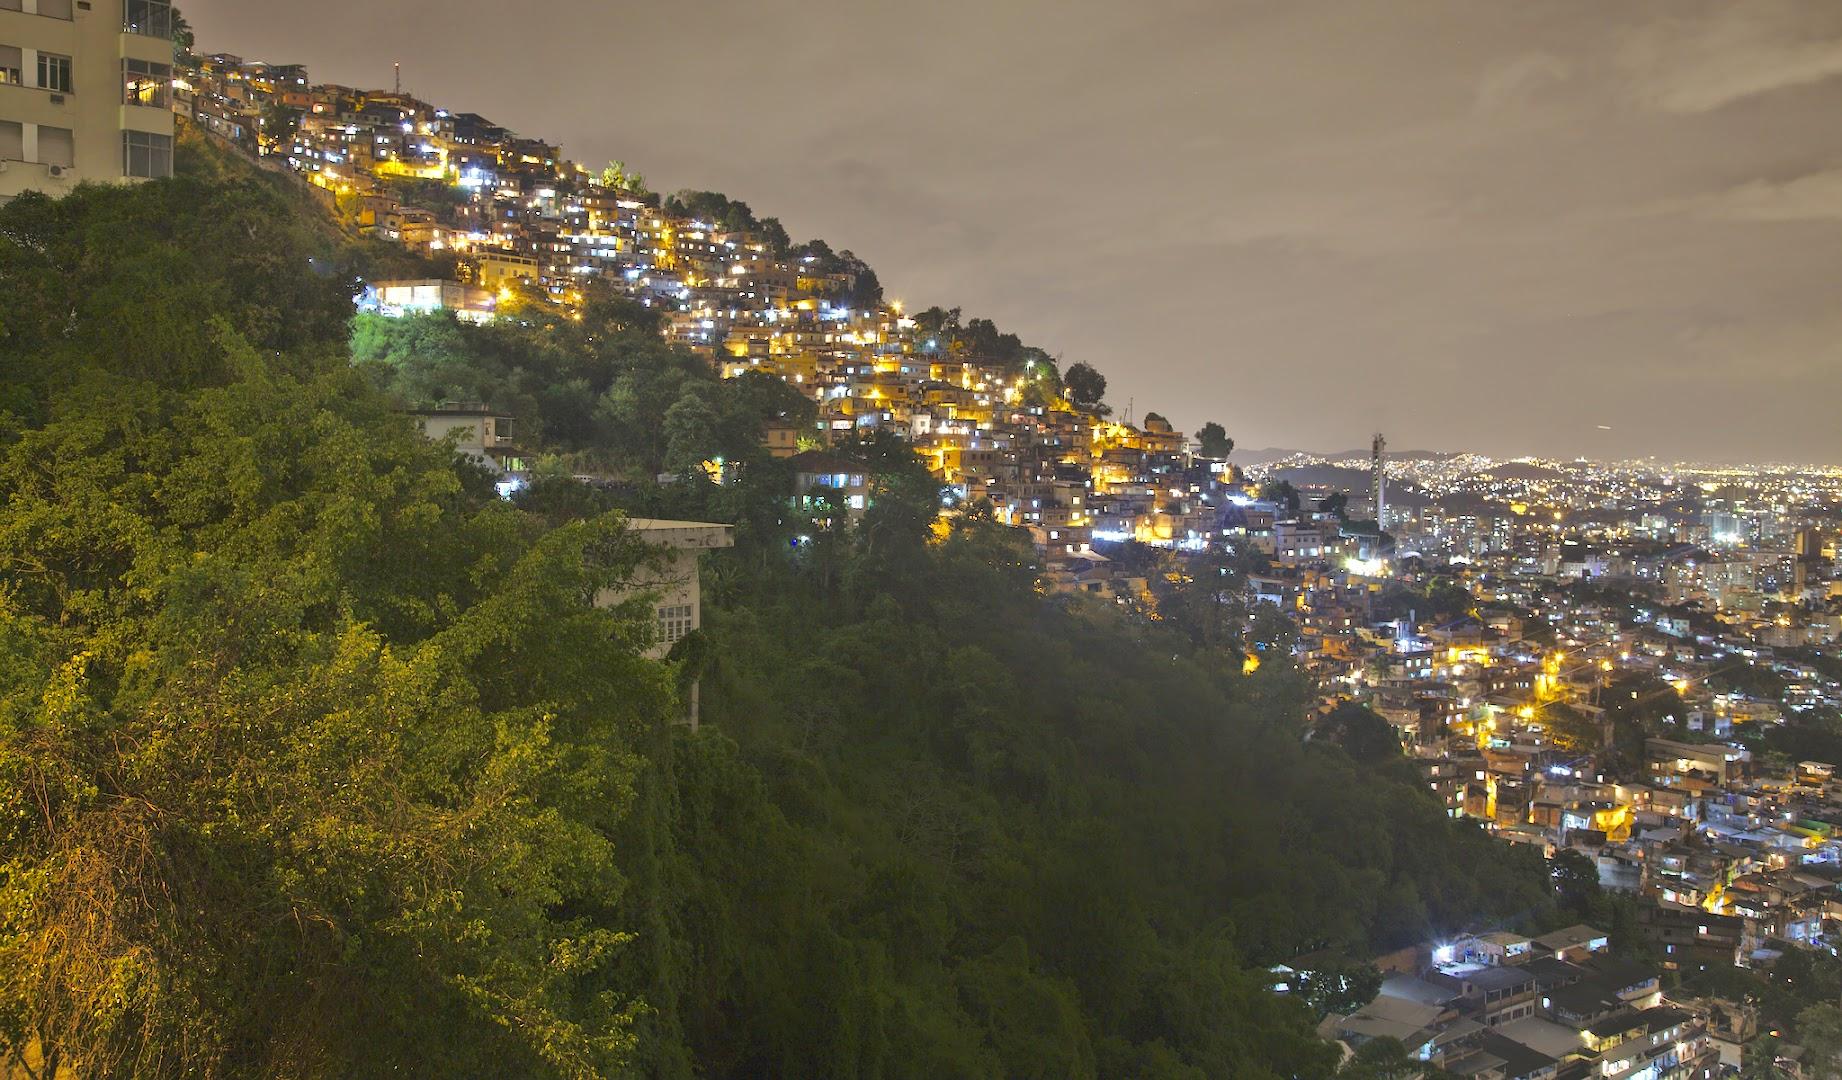 Santa Teresa favela